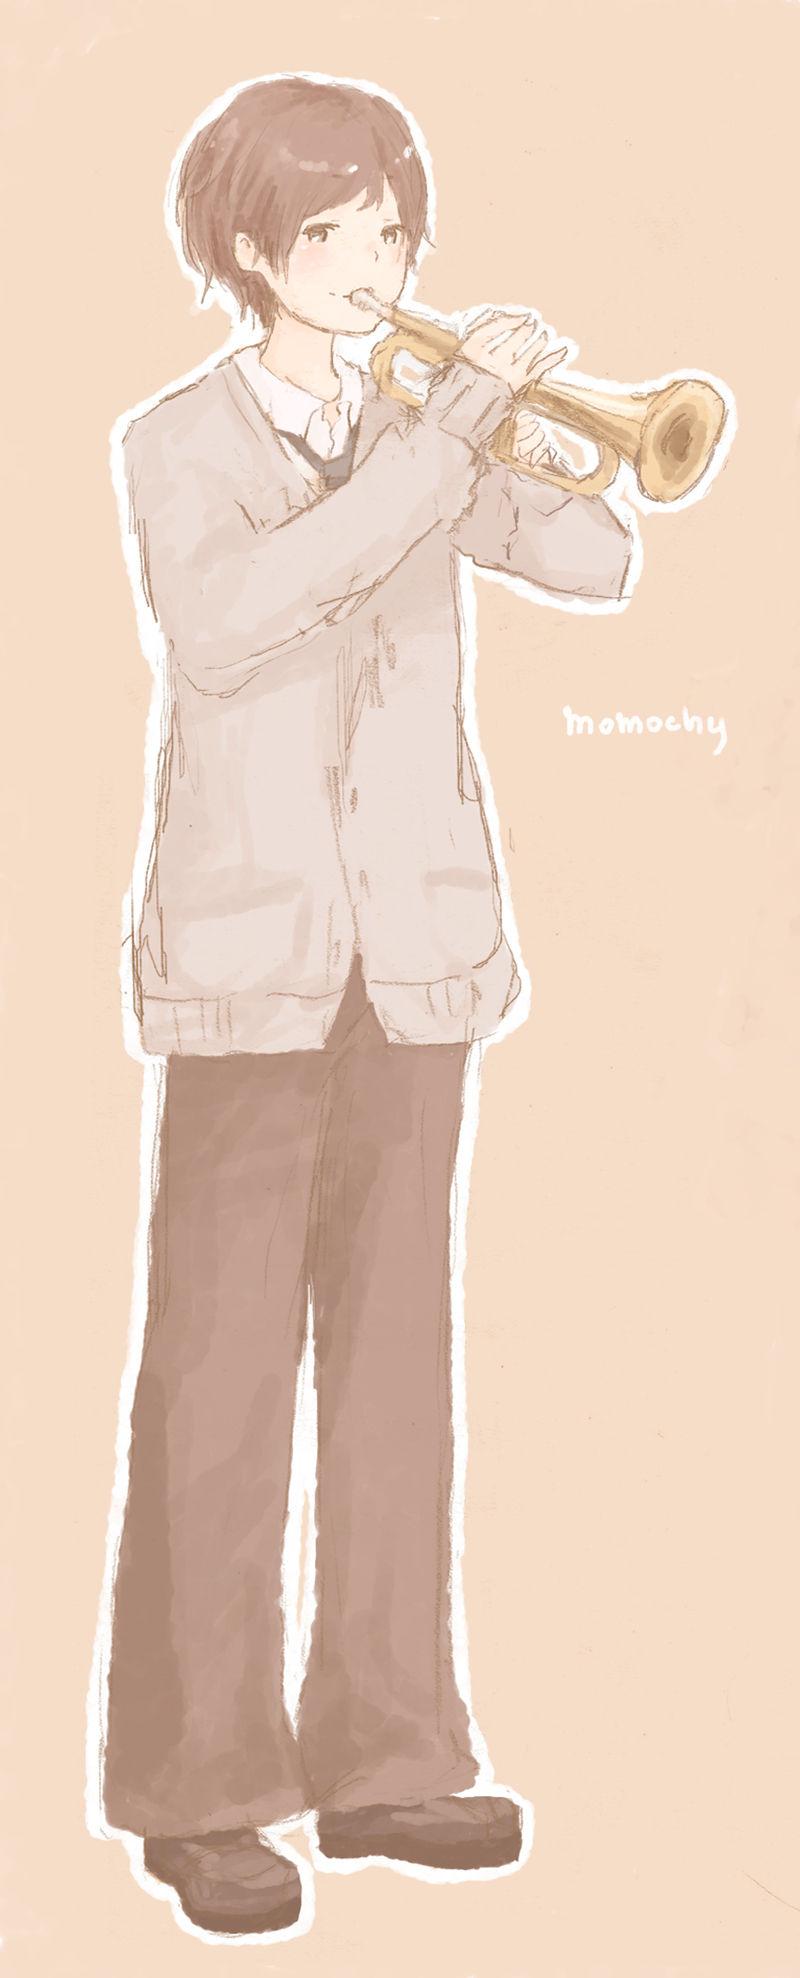 トランペットな男の子*おへんじ : イラストレーター momochy